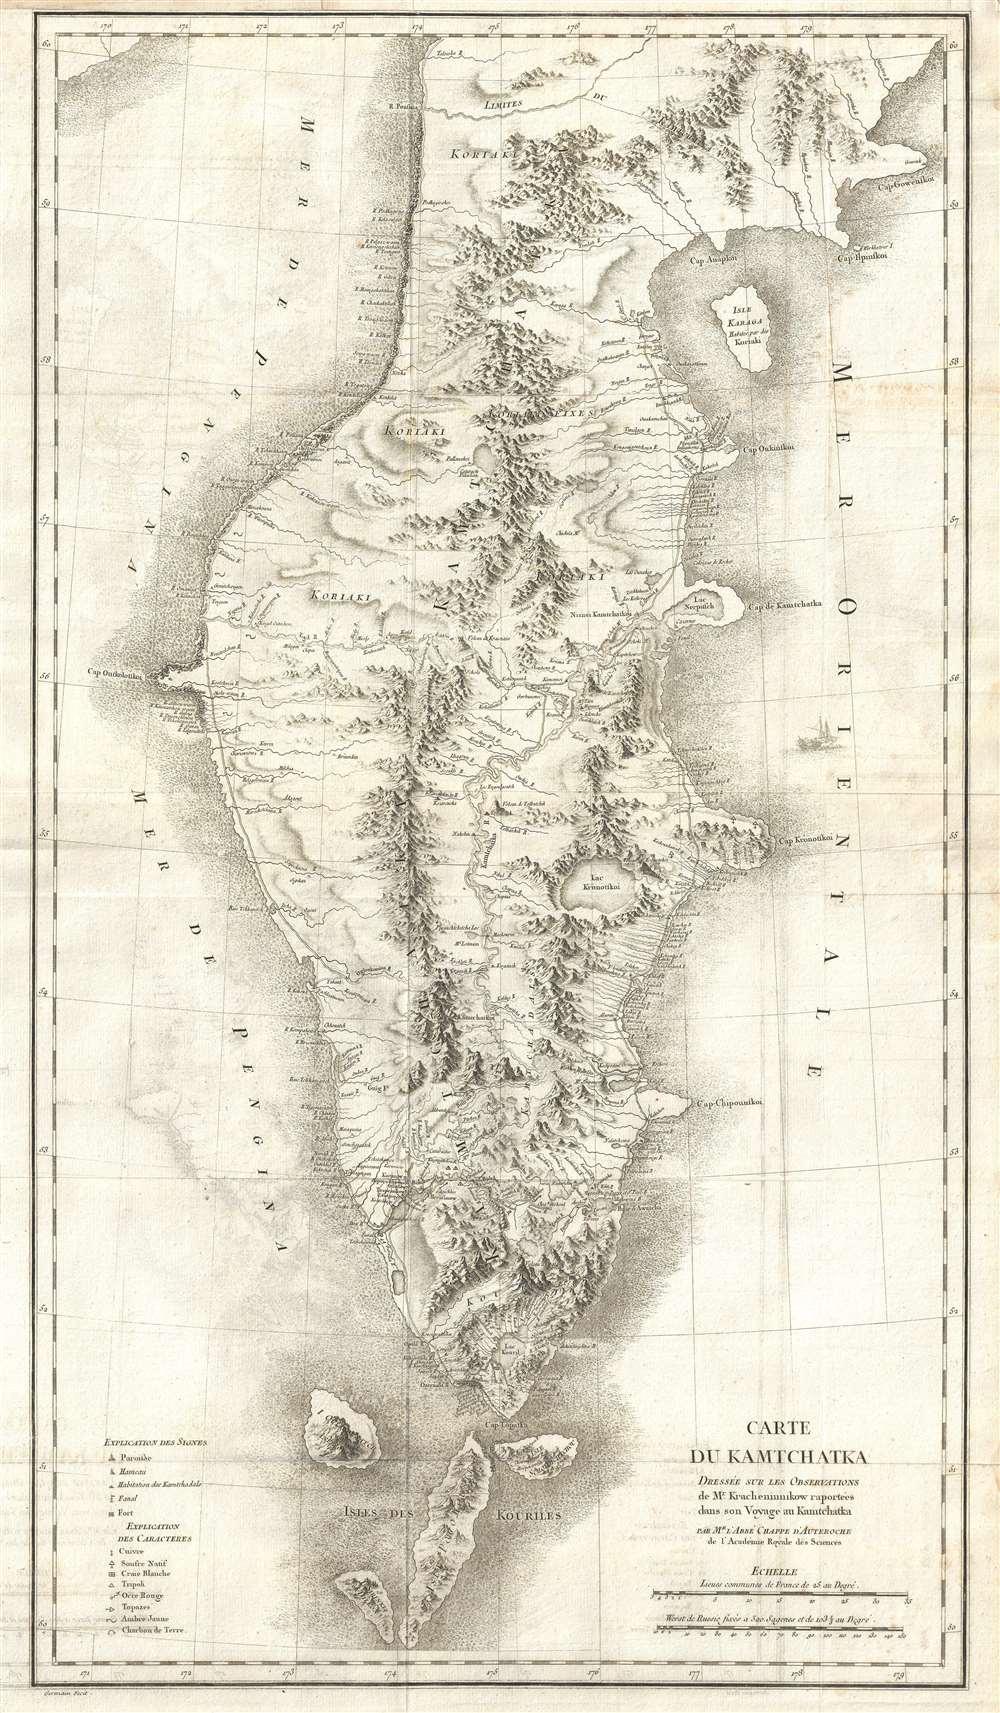 Carte du Kamtchatka Dressee sur Les Observations de Mr. Kacheninnikow raportees dans son Voyage au Kamtchatka.